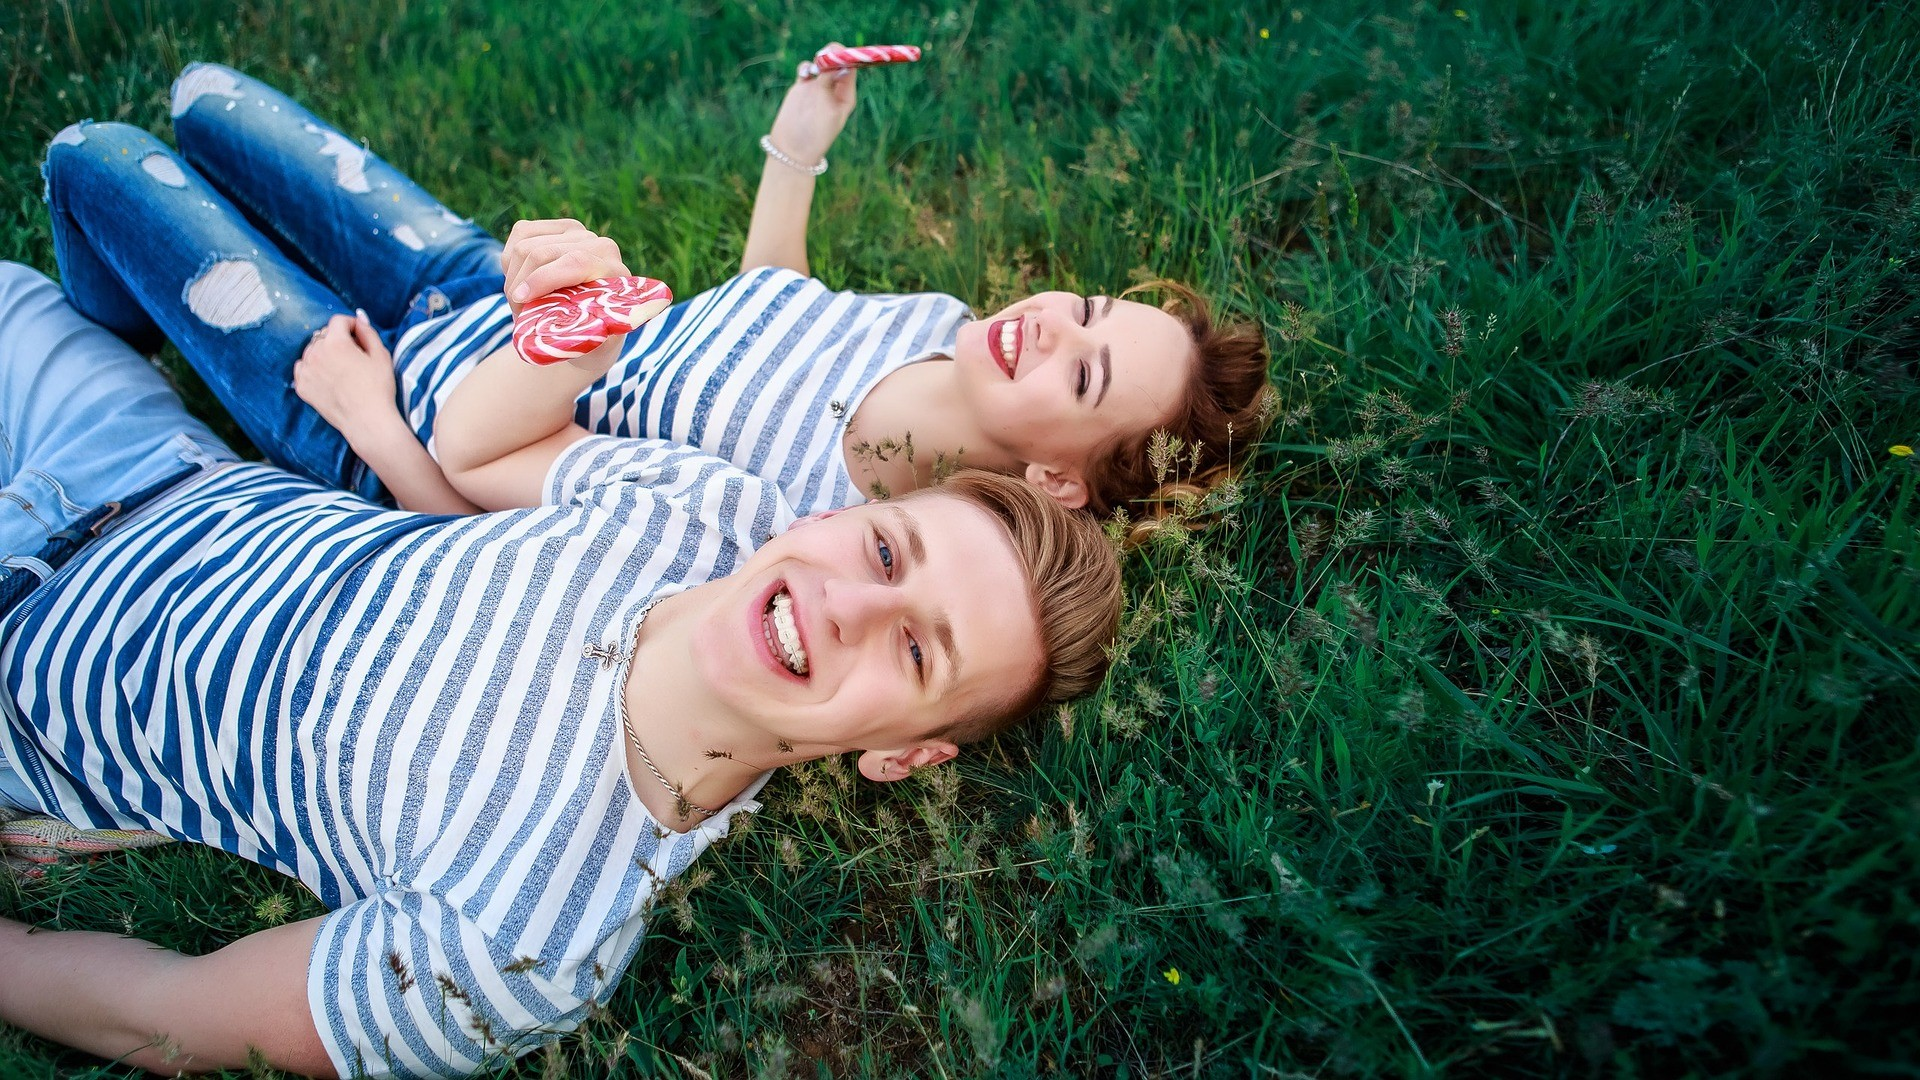 Можно ли жить без любви: оставаясь при этом счастливым?